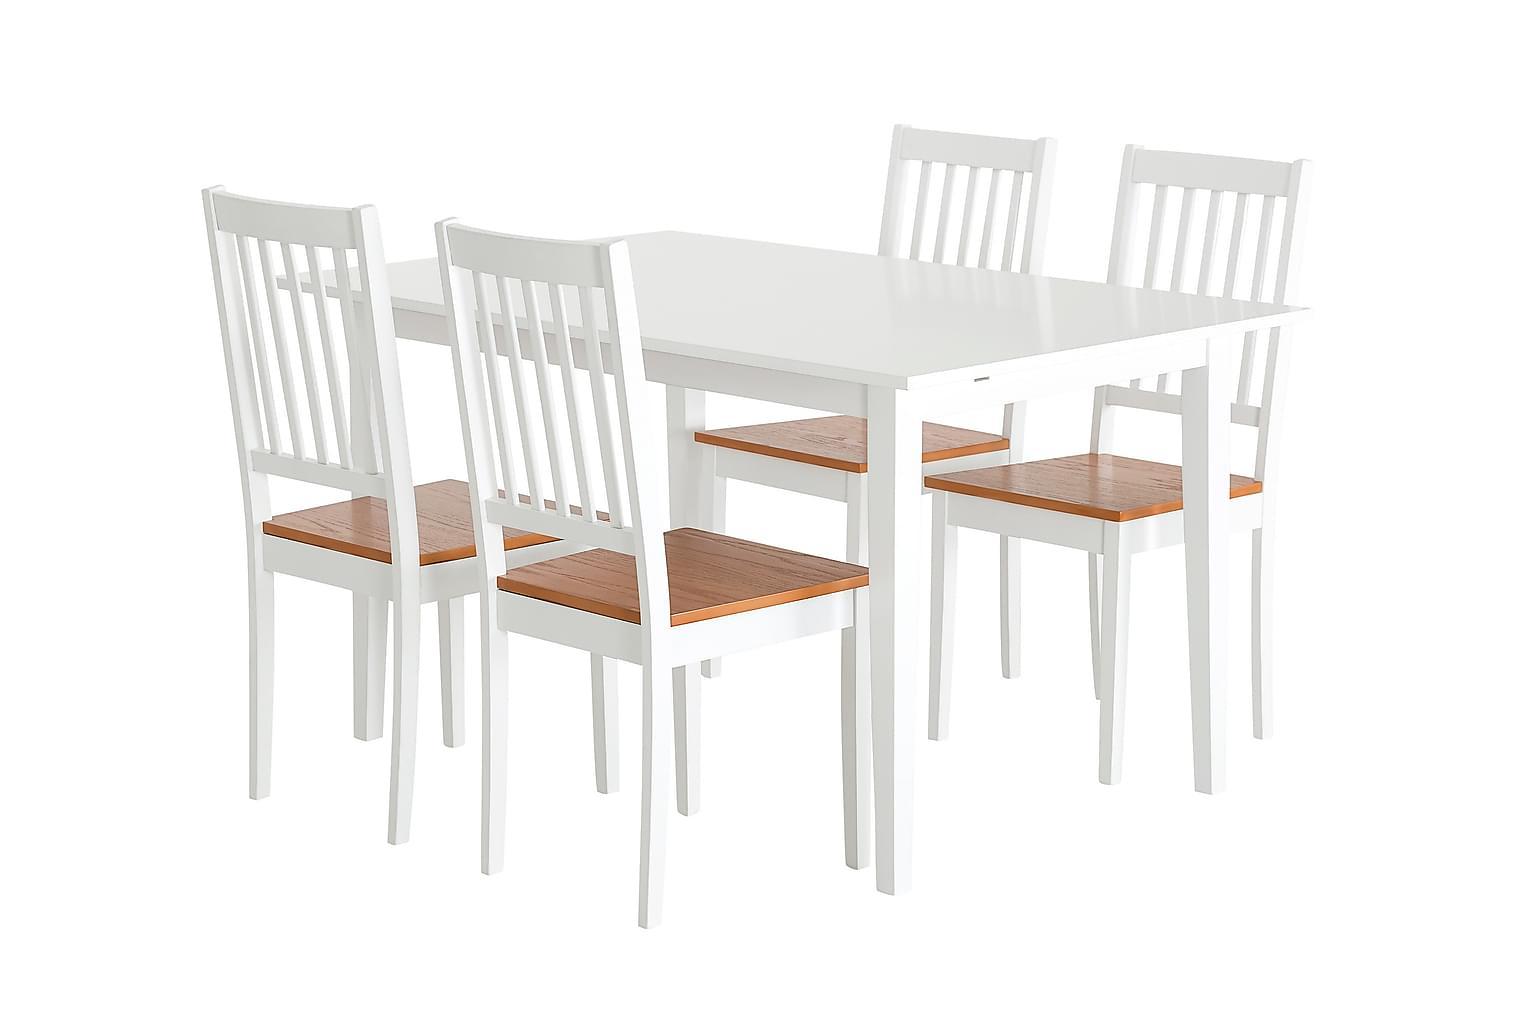 ALICE Pöytä 140 Valkoinen + 4 SETAR-Tuolia Valkoinen/Tammi